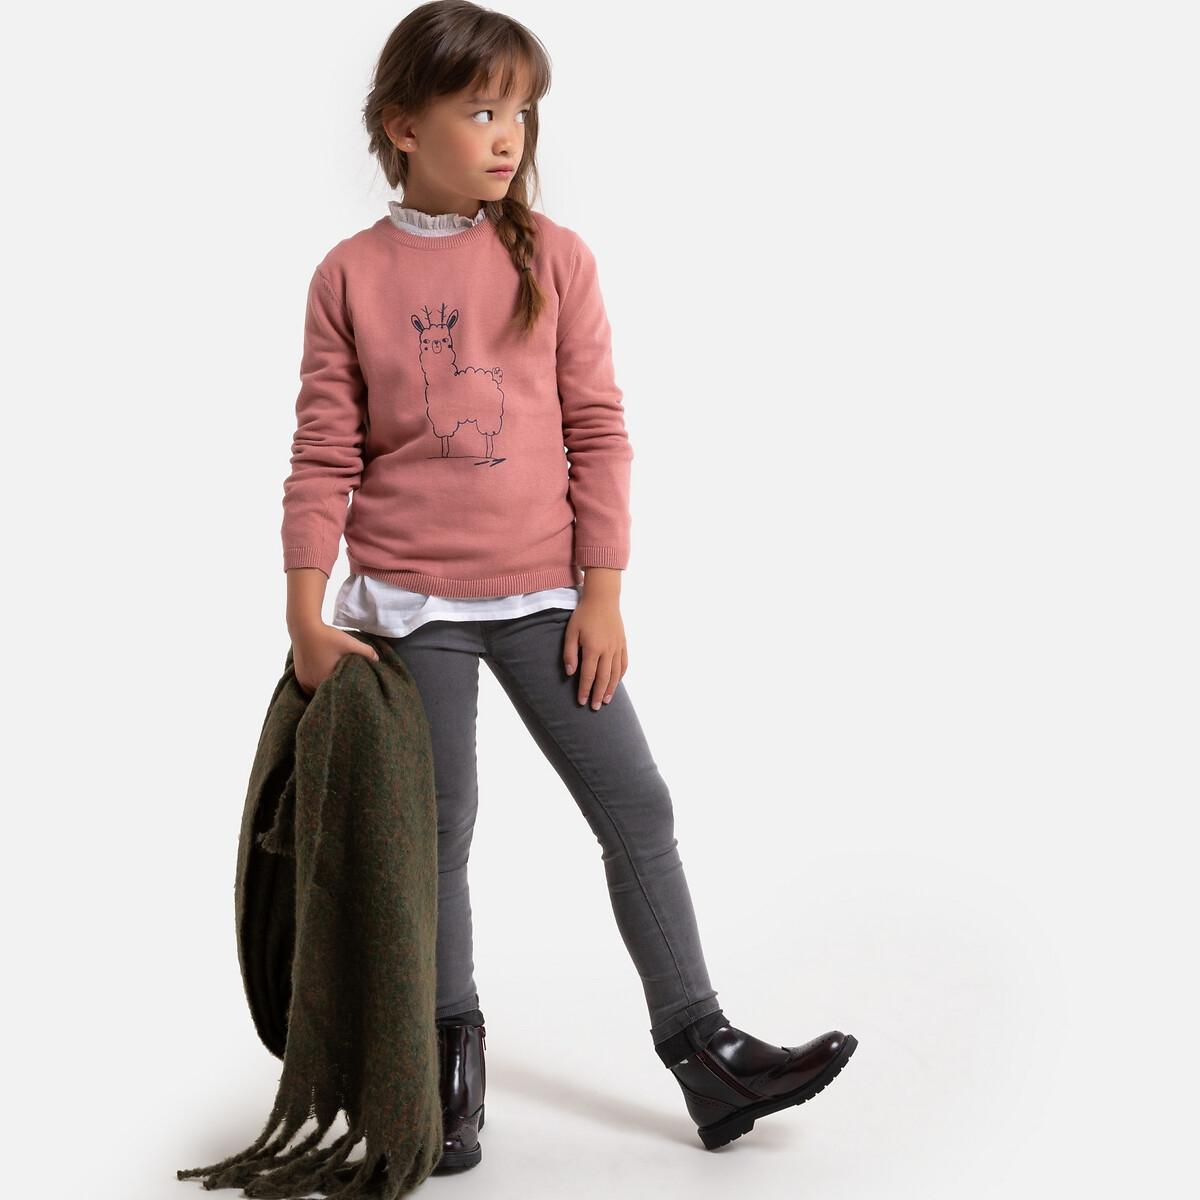 Фото - Пуловер LaRedoute С круглым вырезом из тонкого трикотажа с принтом 3-12 лет 3 года - 94 см розовый платье laredoute с короткими рукавами из хлопчатобумажной газовой ткани 3 12 лет 3 года 94 см розовый